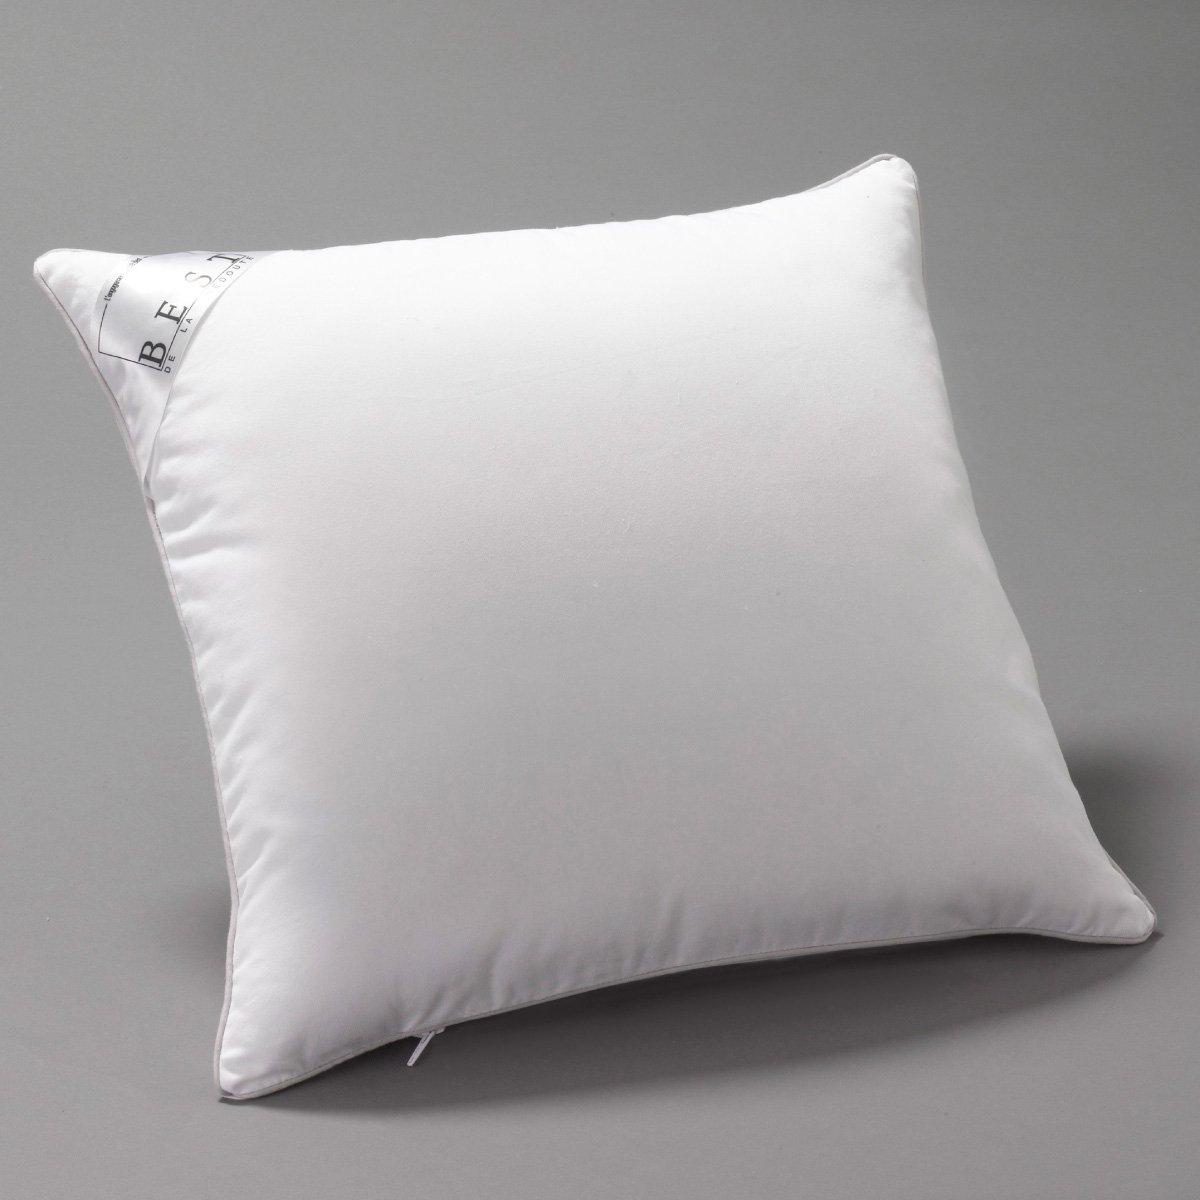 Подушка из синтетики с обработкой PRONEEM подушка из синтетики